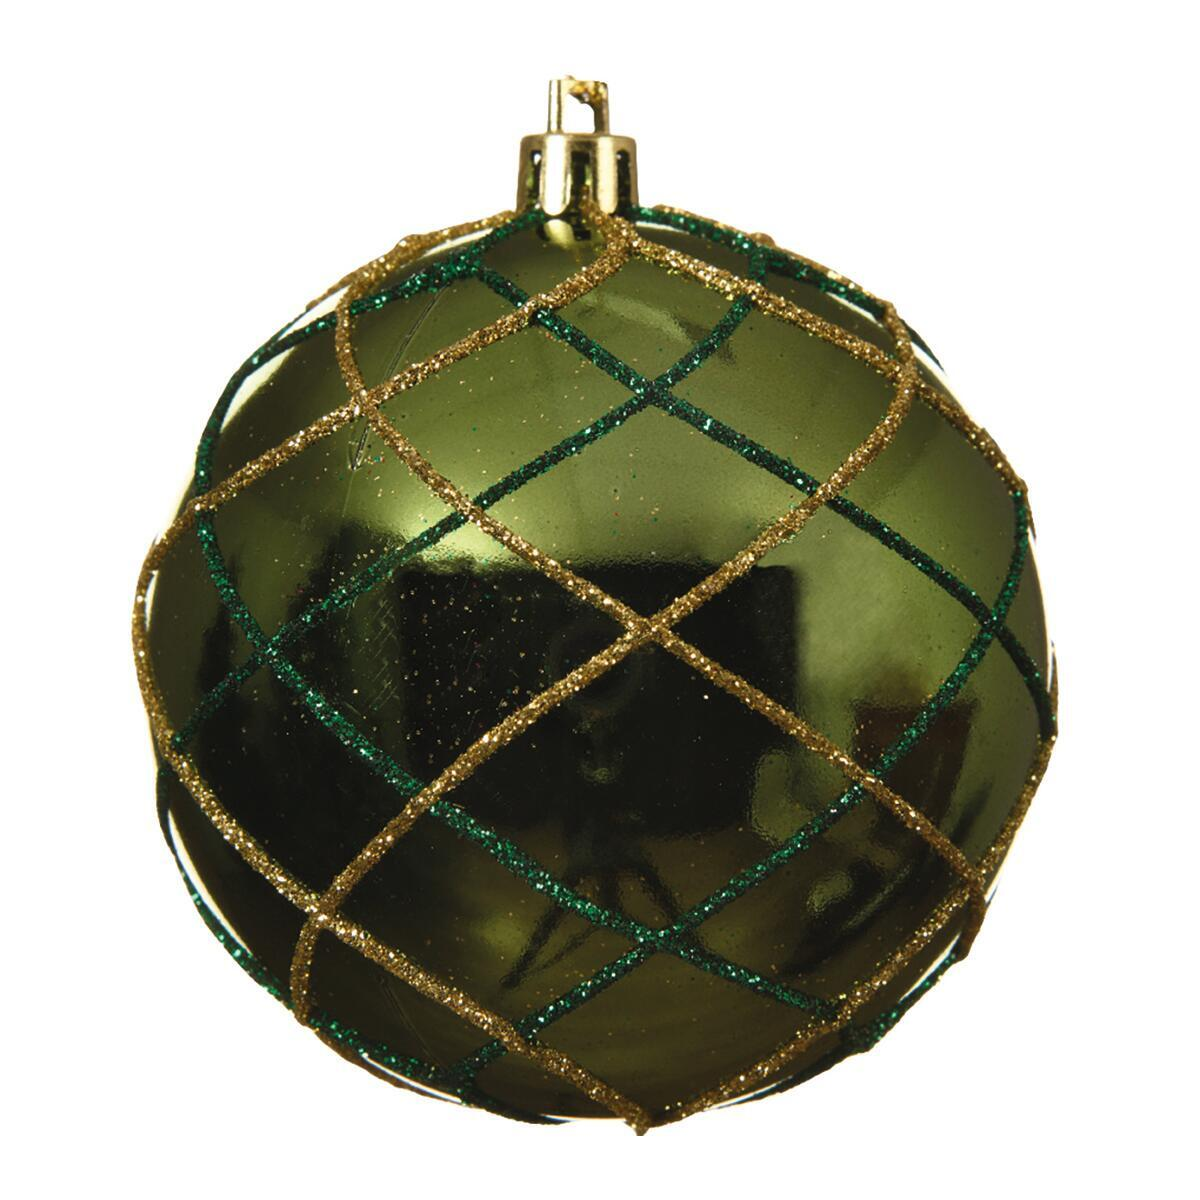 Sfera natalizia in plastica Ø 8 cm